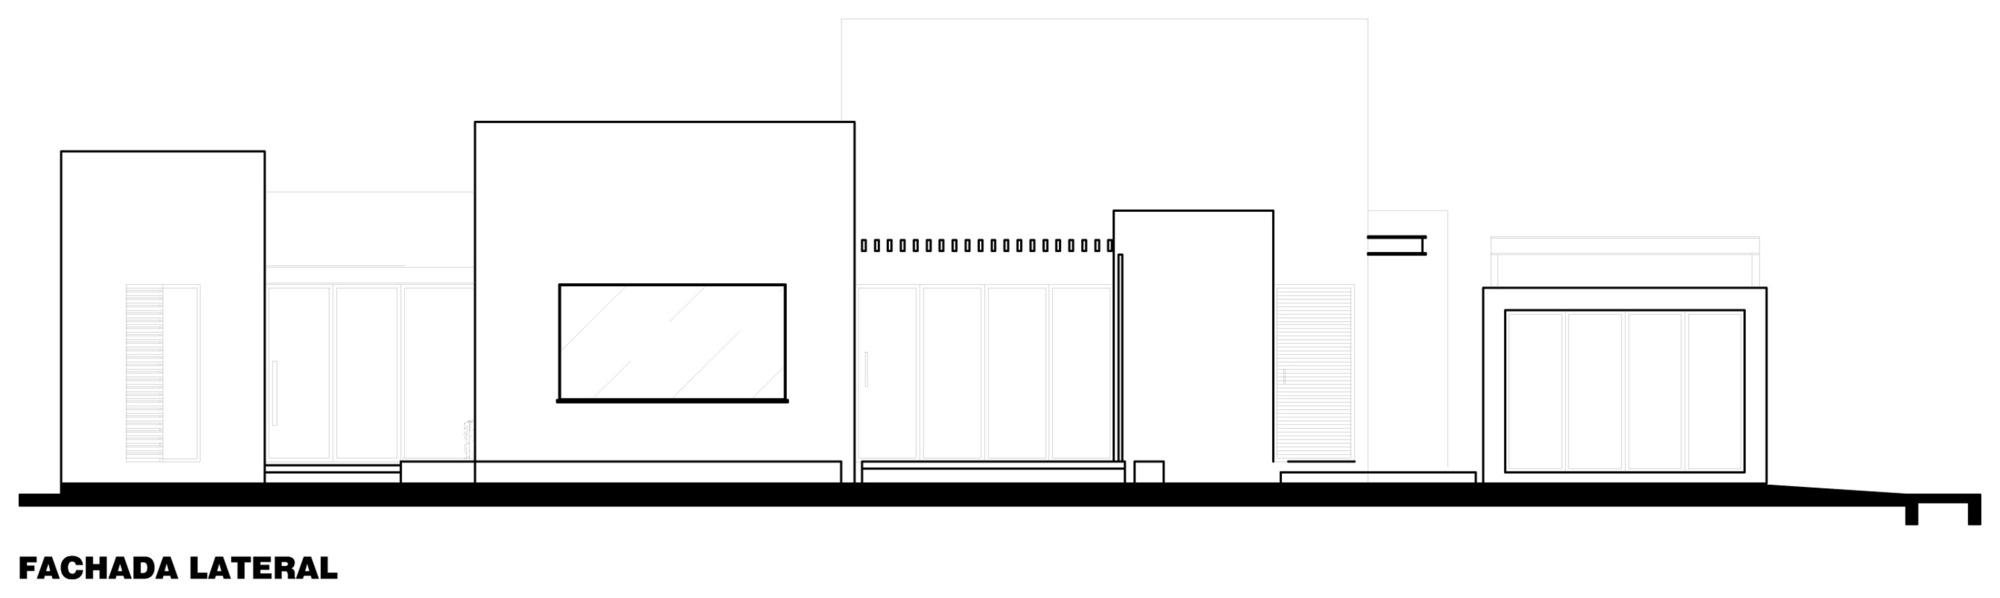 Galer a de t02 adi arquitectura y dise o interior 39 - Diseno y arquitectura ...